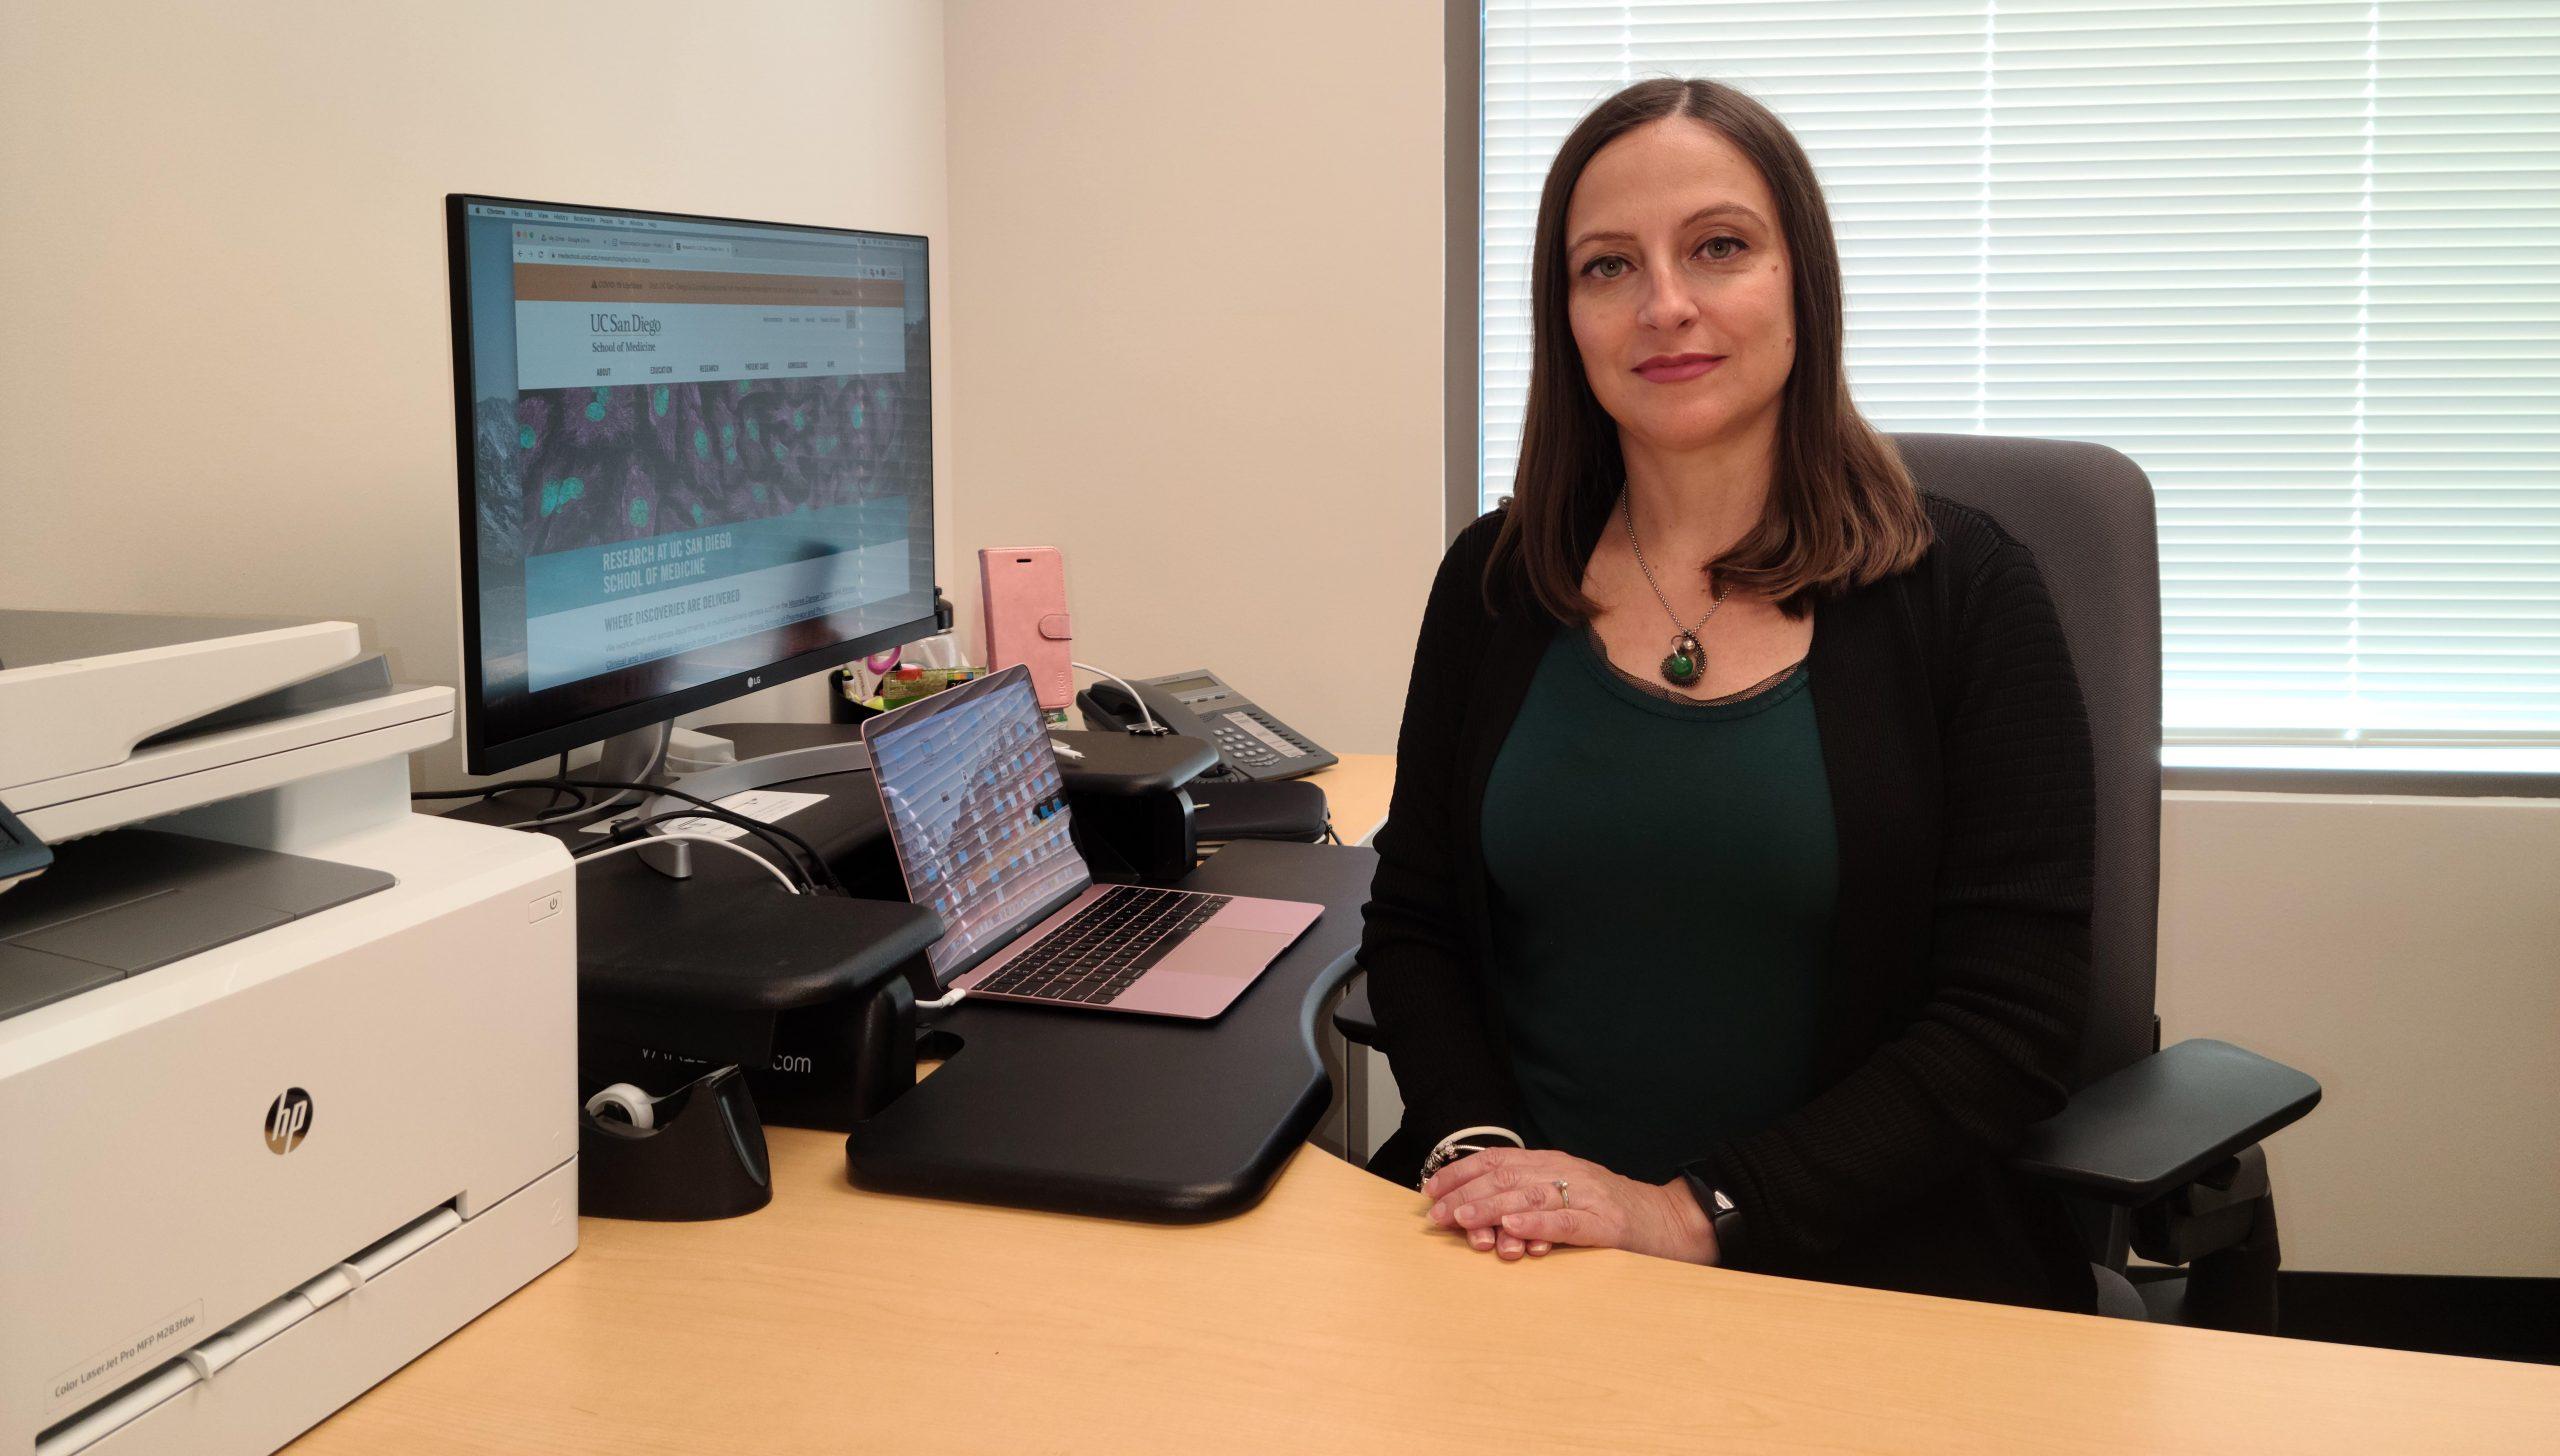 Manuela Raffatellu professore ordinario presso facoltà di Medicina - Università della California - San Diego (UCSD)